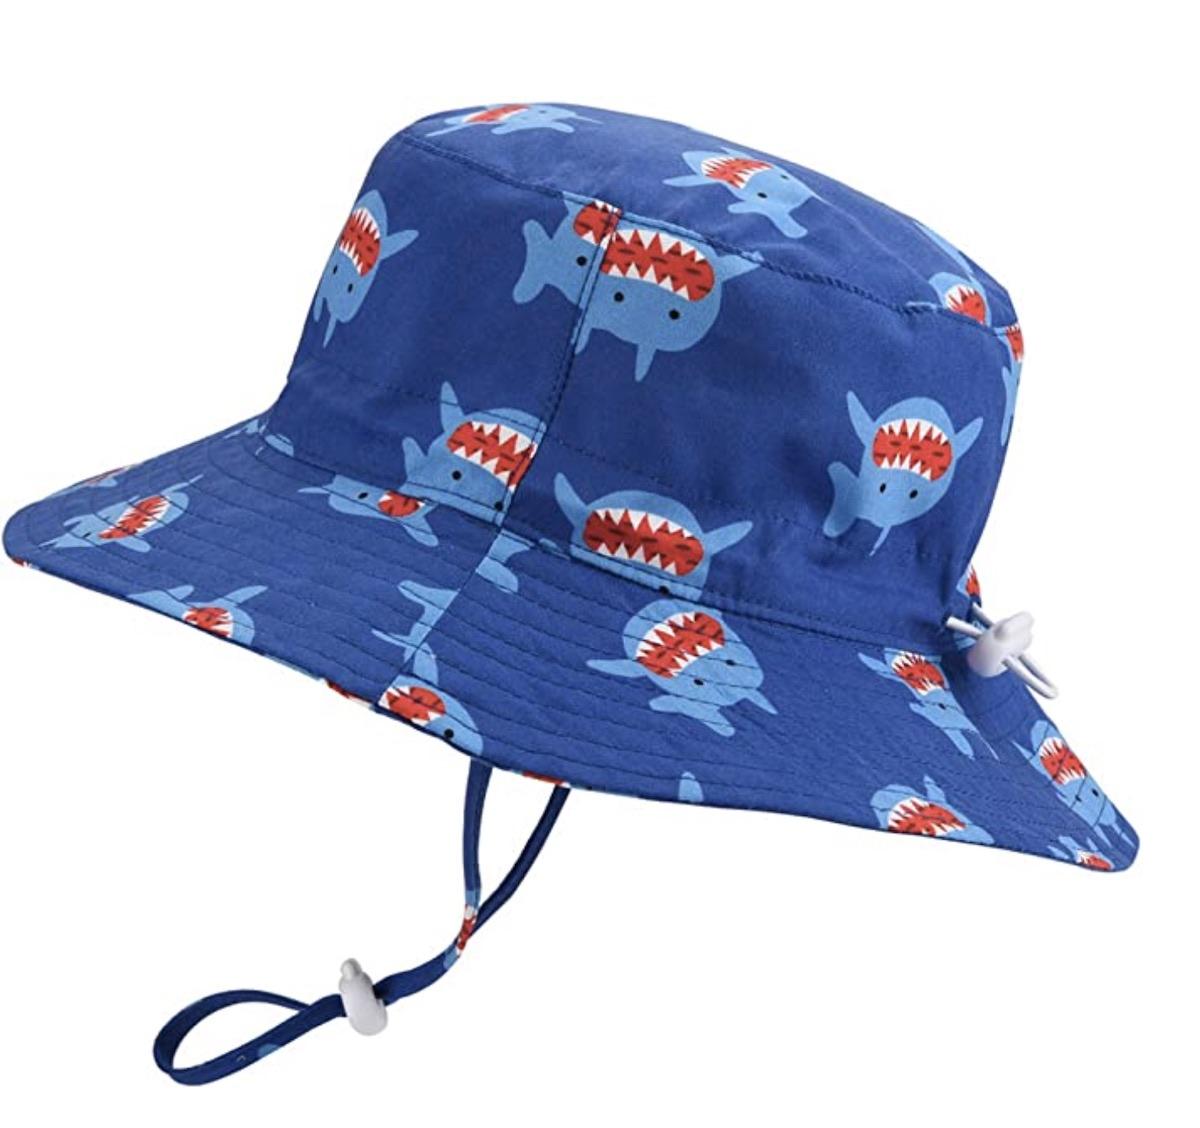 Baby Sun Hat Adjustable - Outdoor Toddler Swim Beach Pool Hat Kids UPF 50+ Wide Brim Chin Strap Summer Play Hat